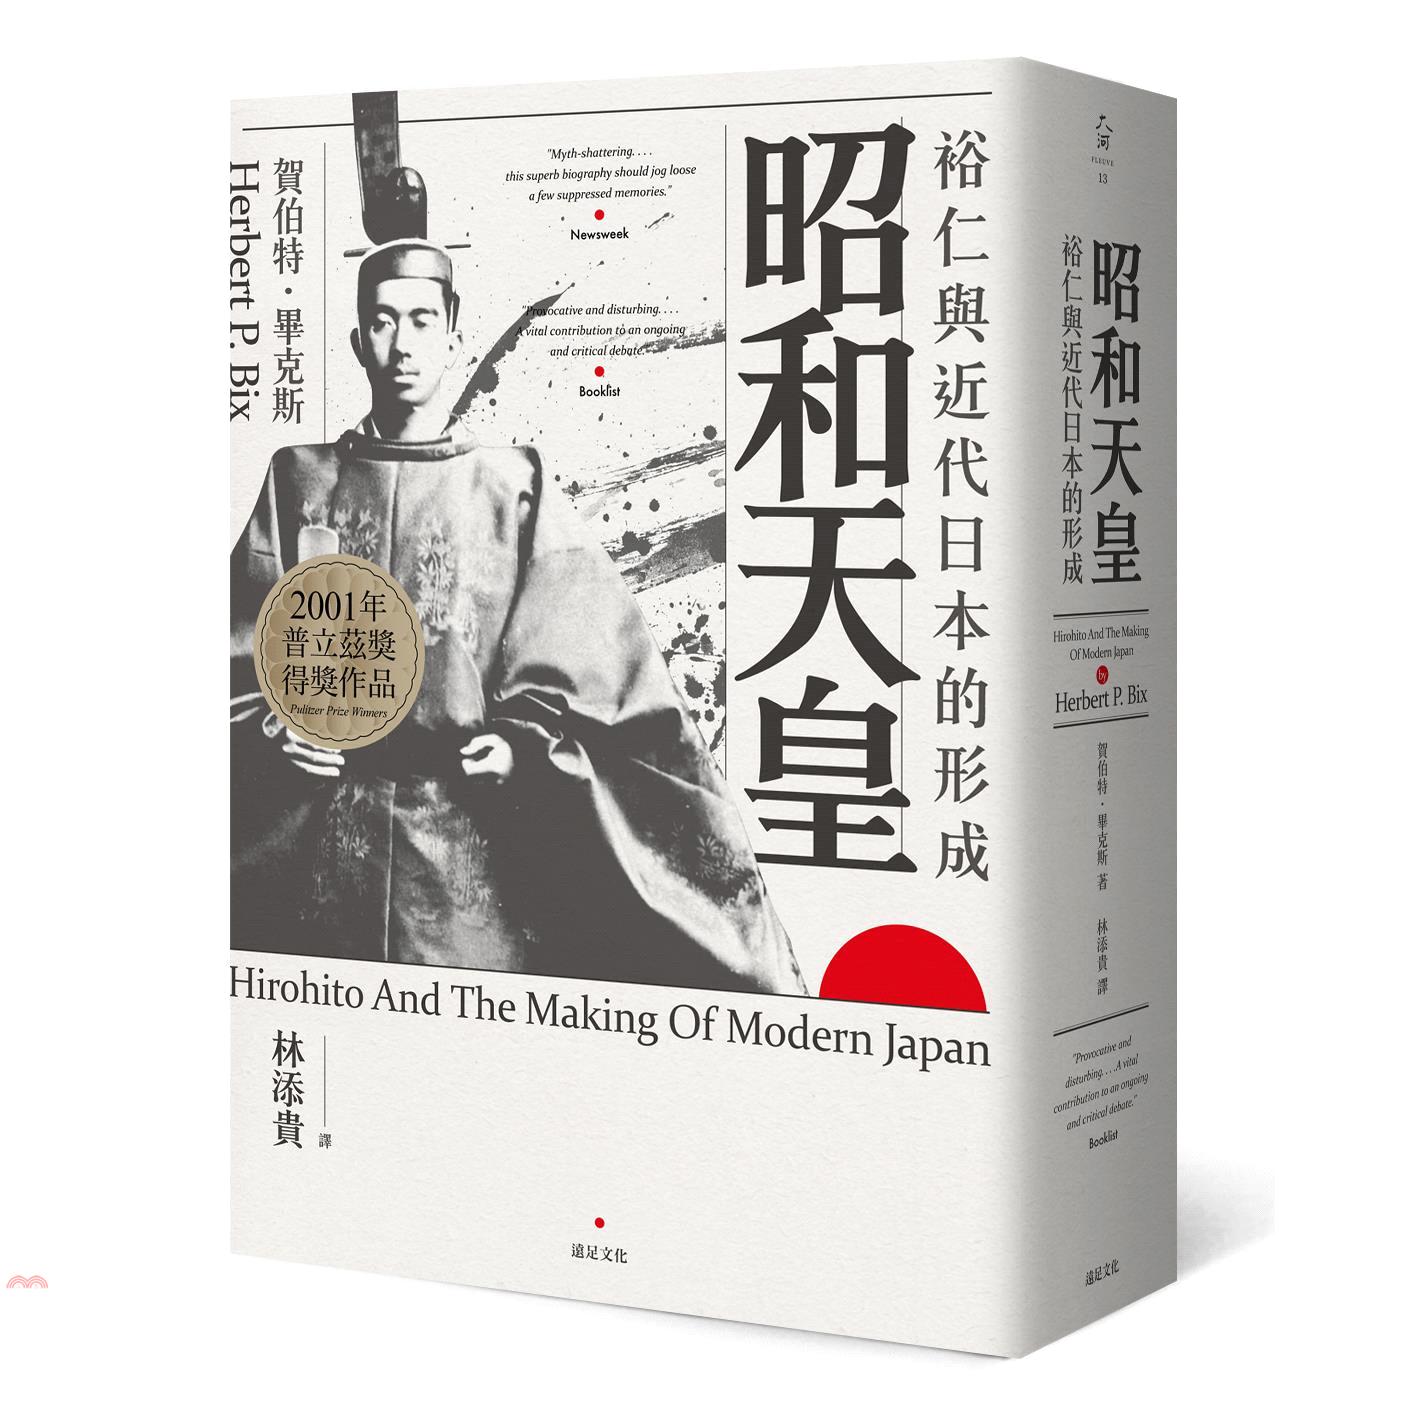 《遠足文化》昭和天皇:裕仁與近代日本的形成[7折]